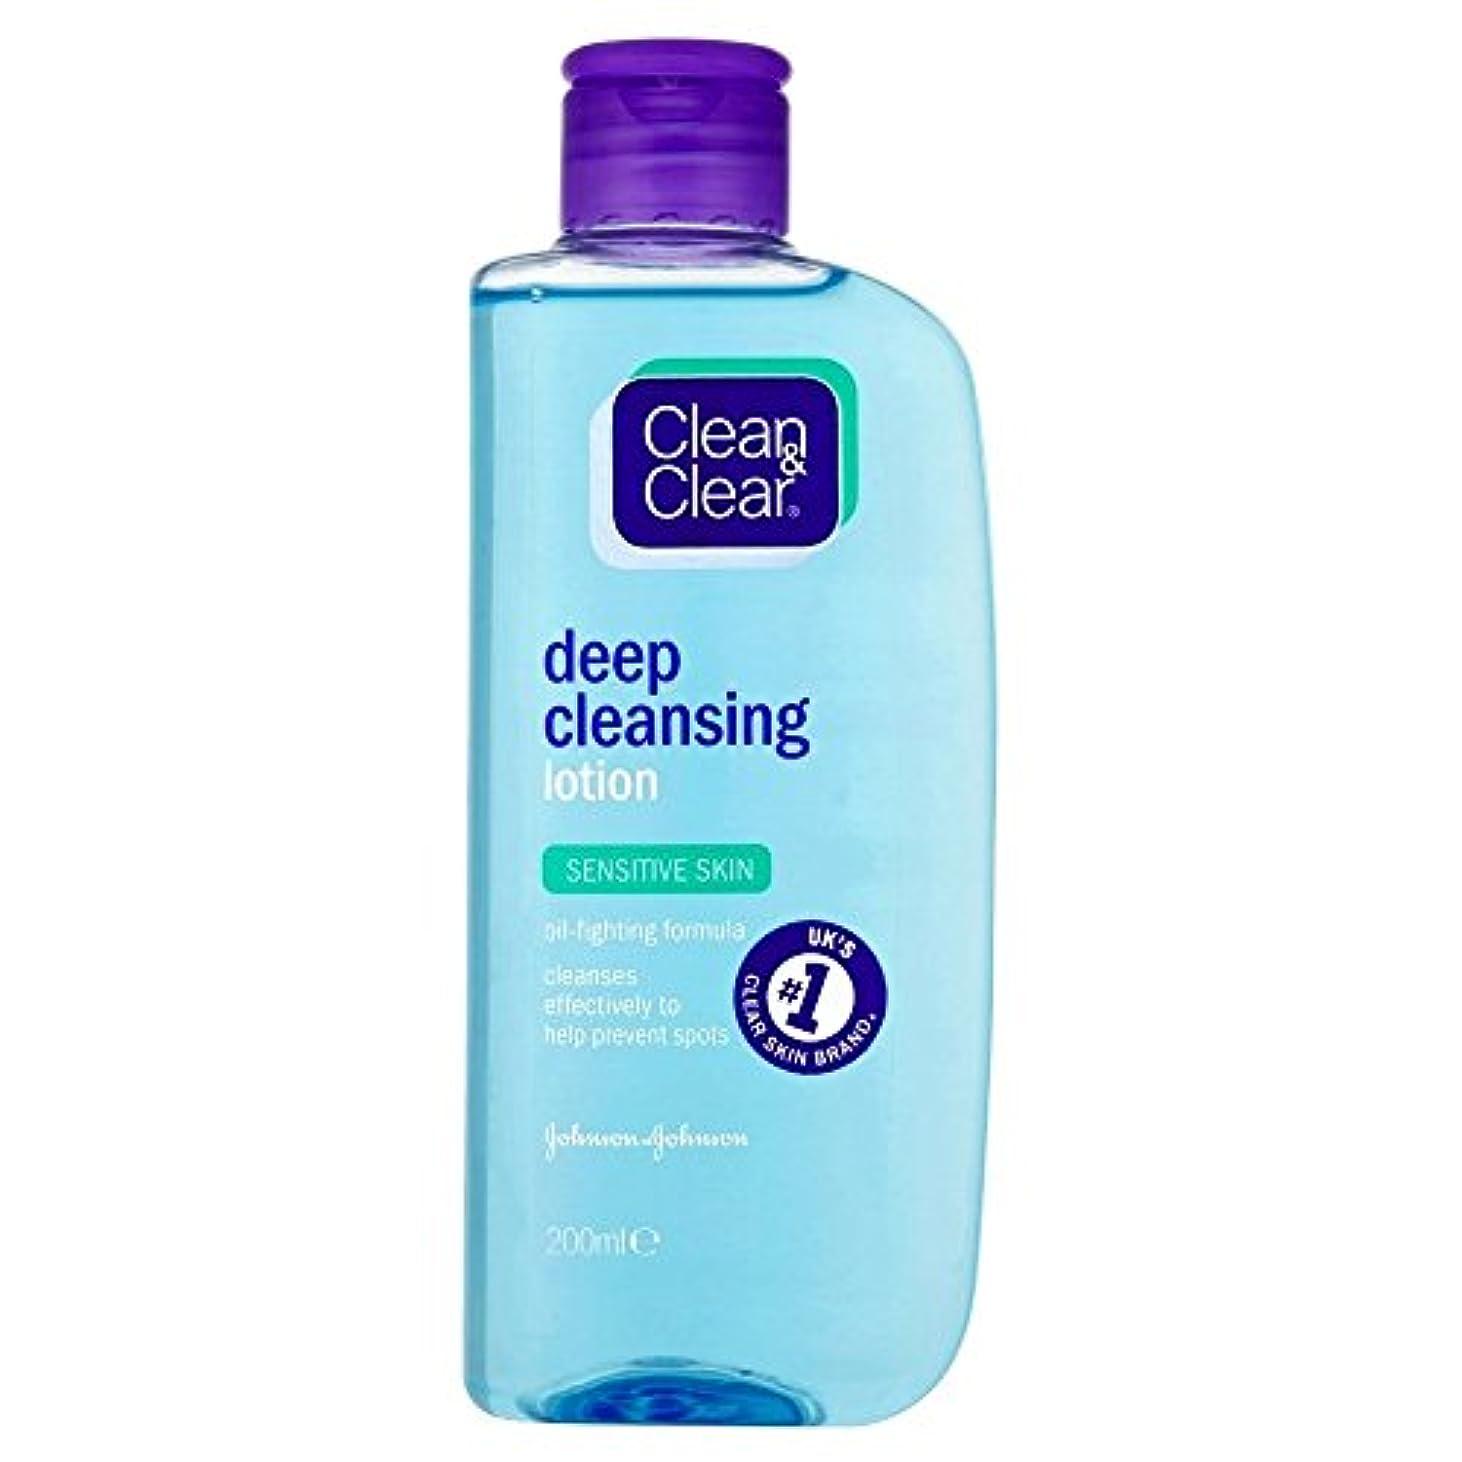 困難グリーンランド宿るClean & Clear Deep Cleansing Lotion - Sensitive (200ml) クリーンで明確なディープクレンジングローション - 感受性( 200ミリリットル) [並行輸入品]